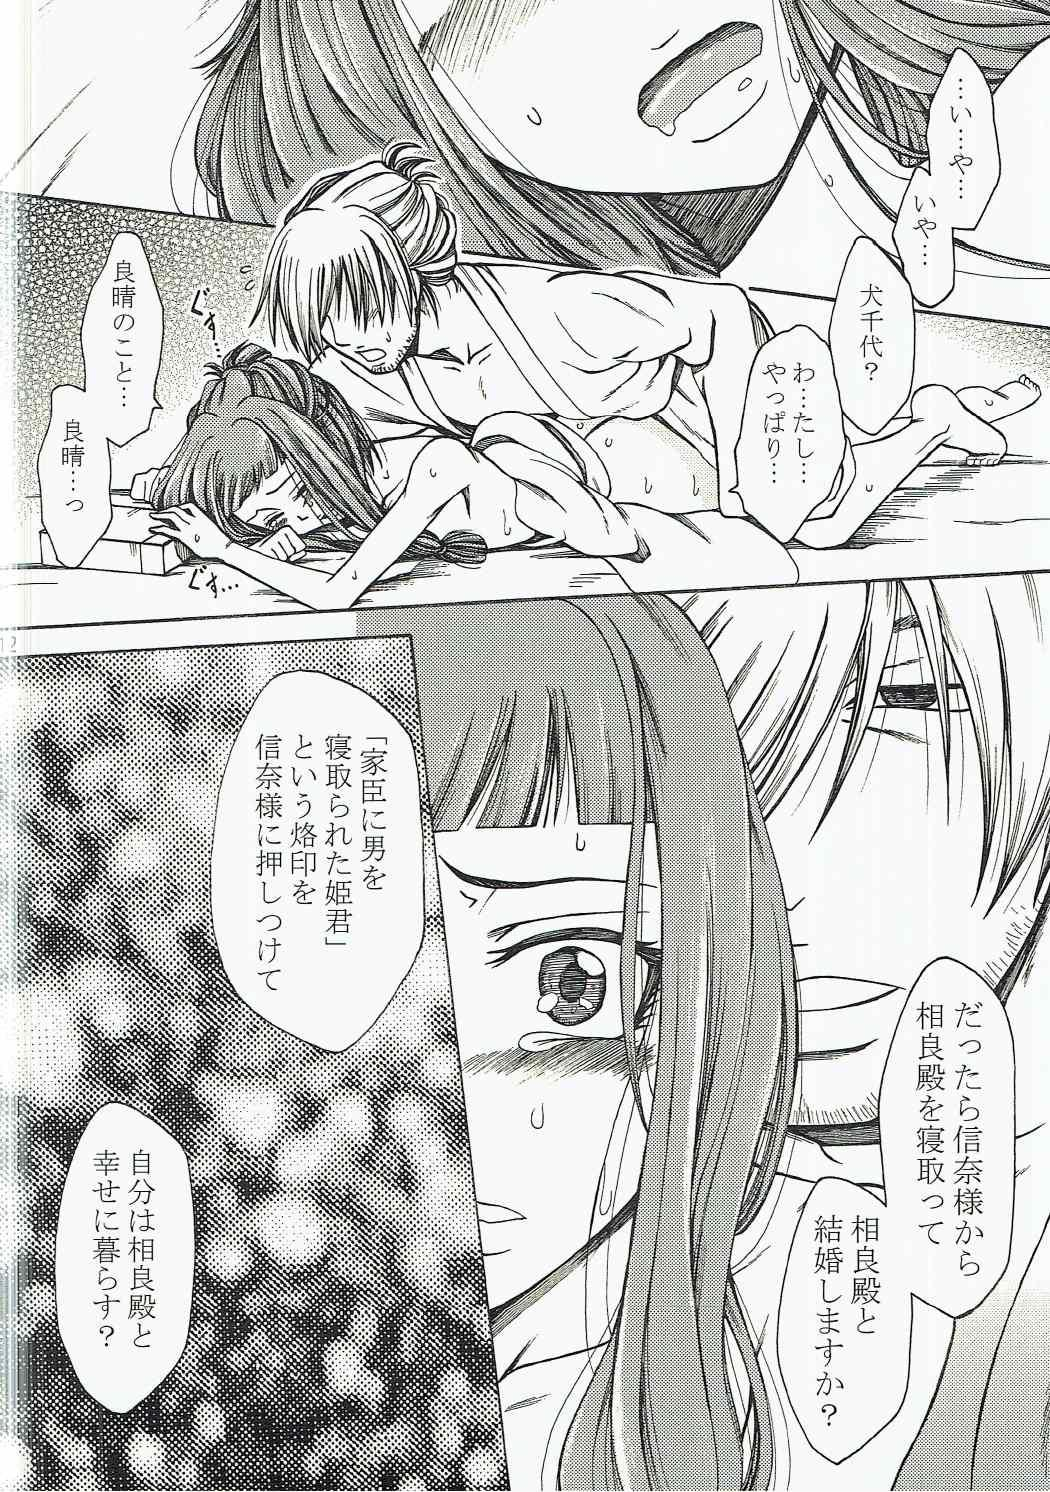 Inuchiyo-chan ga Yoshiharu janai Otoko to Kekkon suru Hon. 10